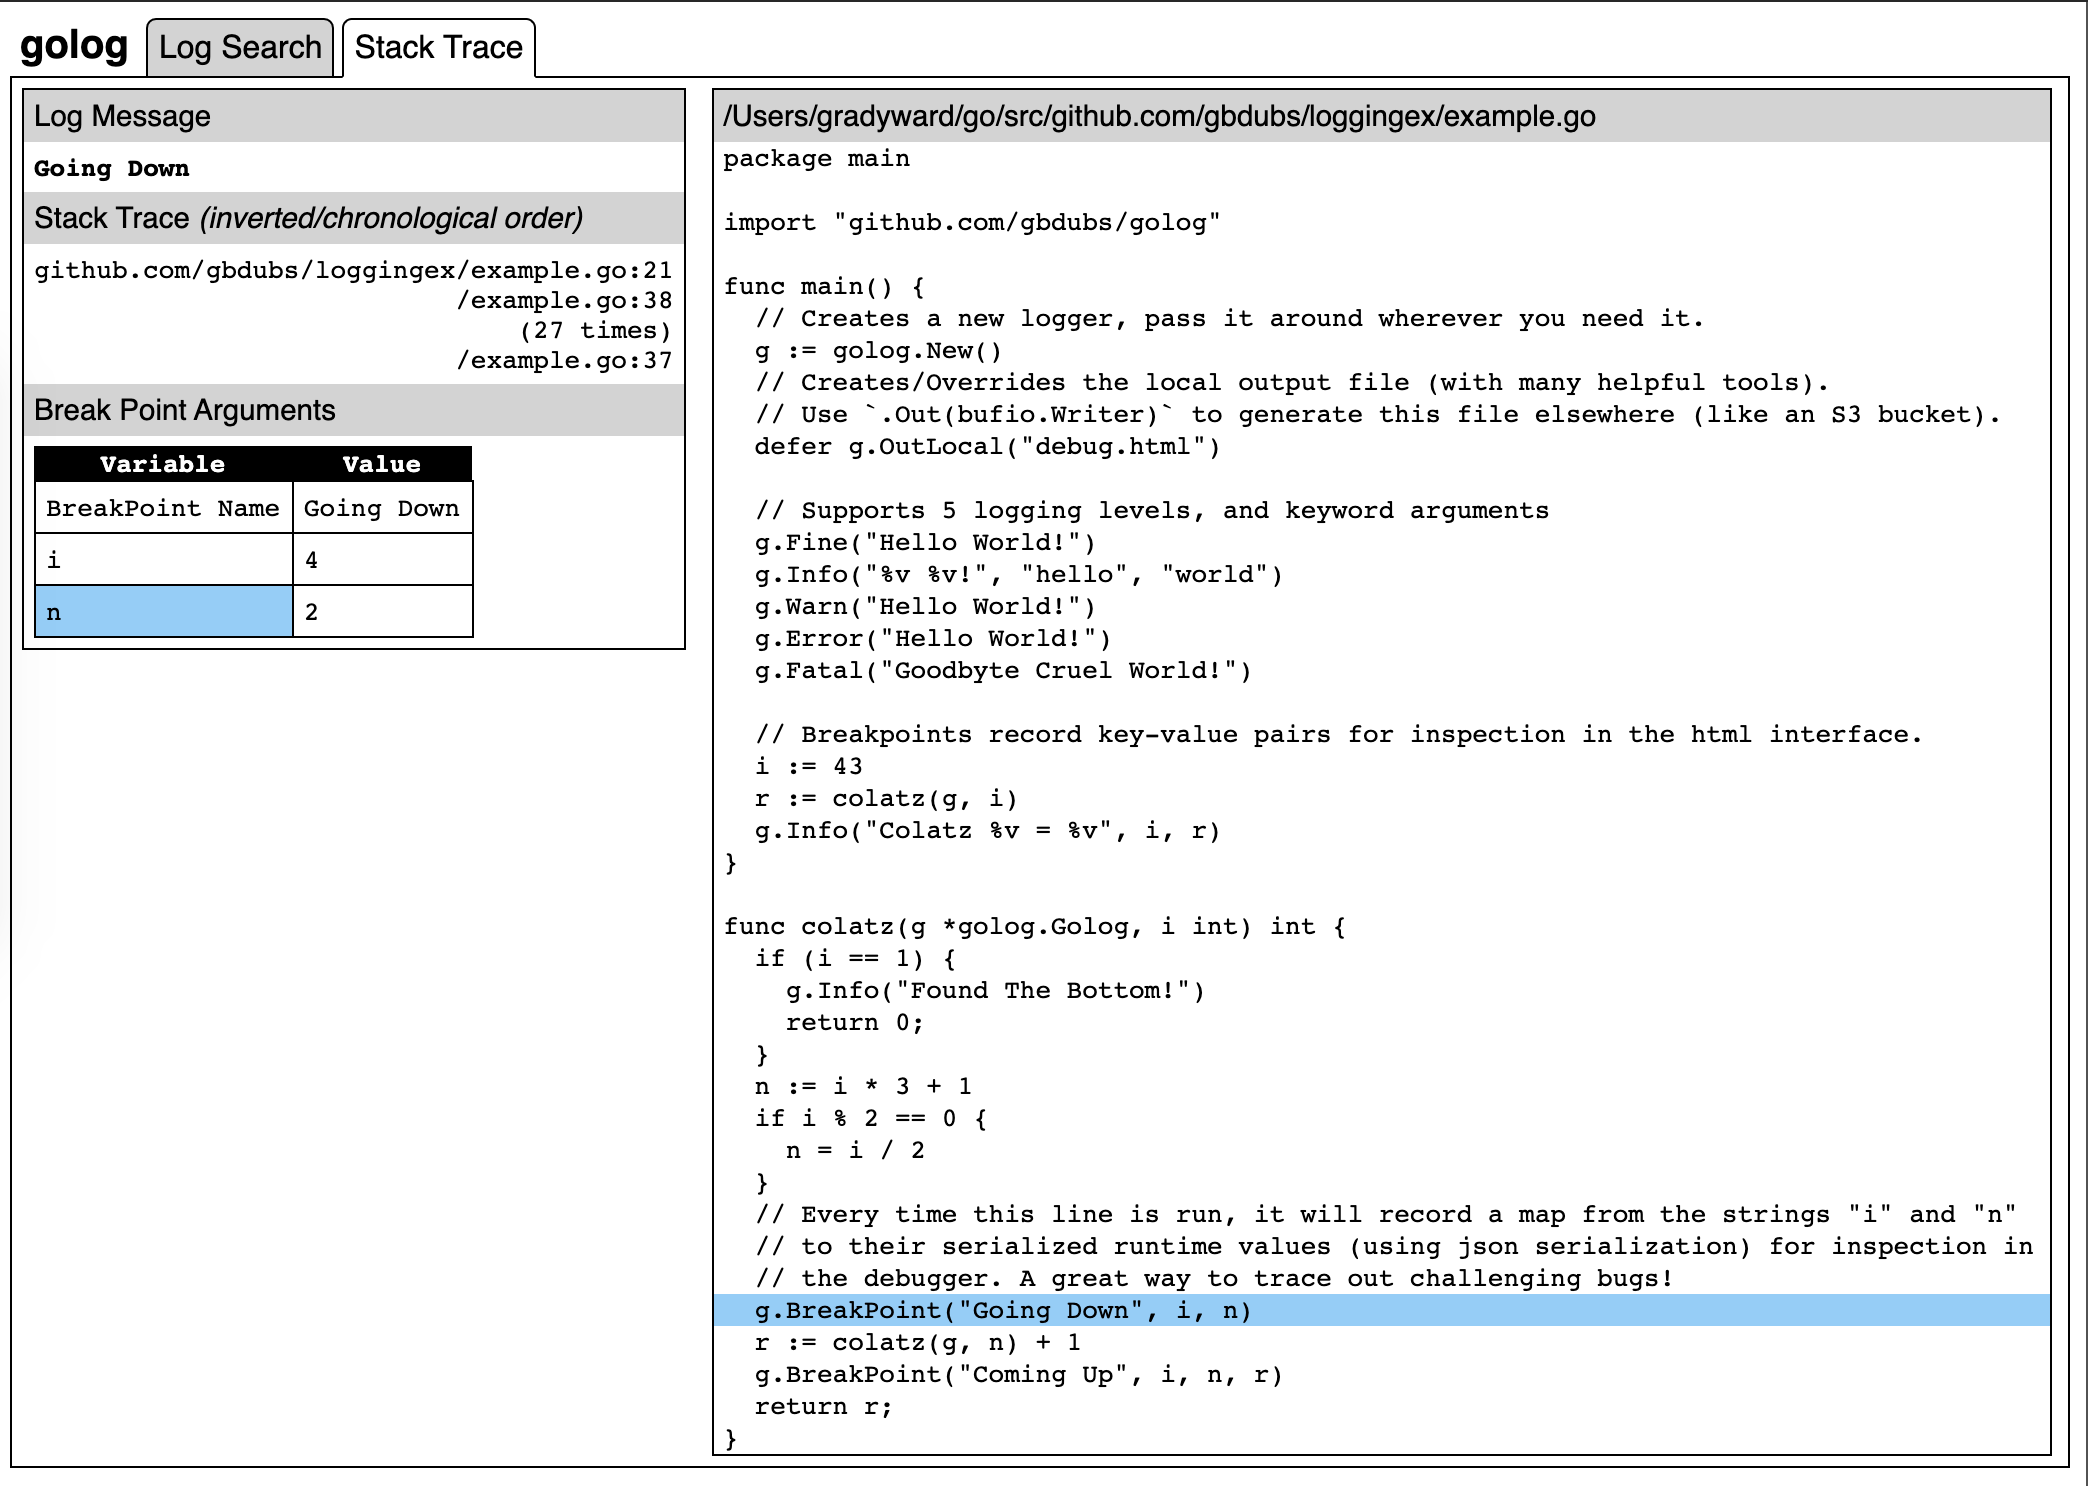 A screenshot of the Golog interface for visual debugging